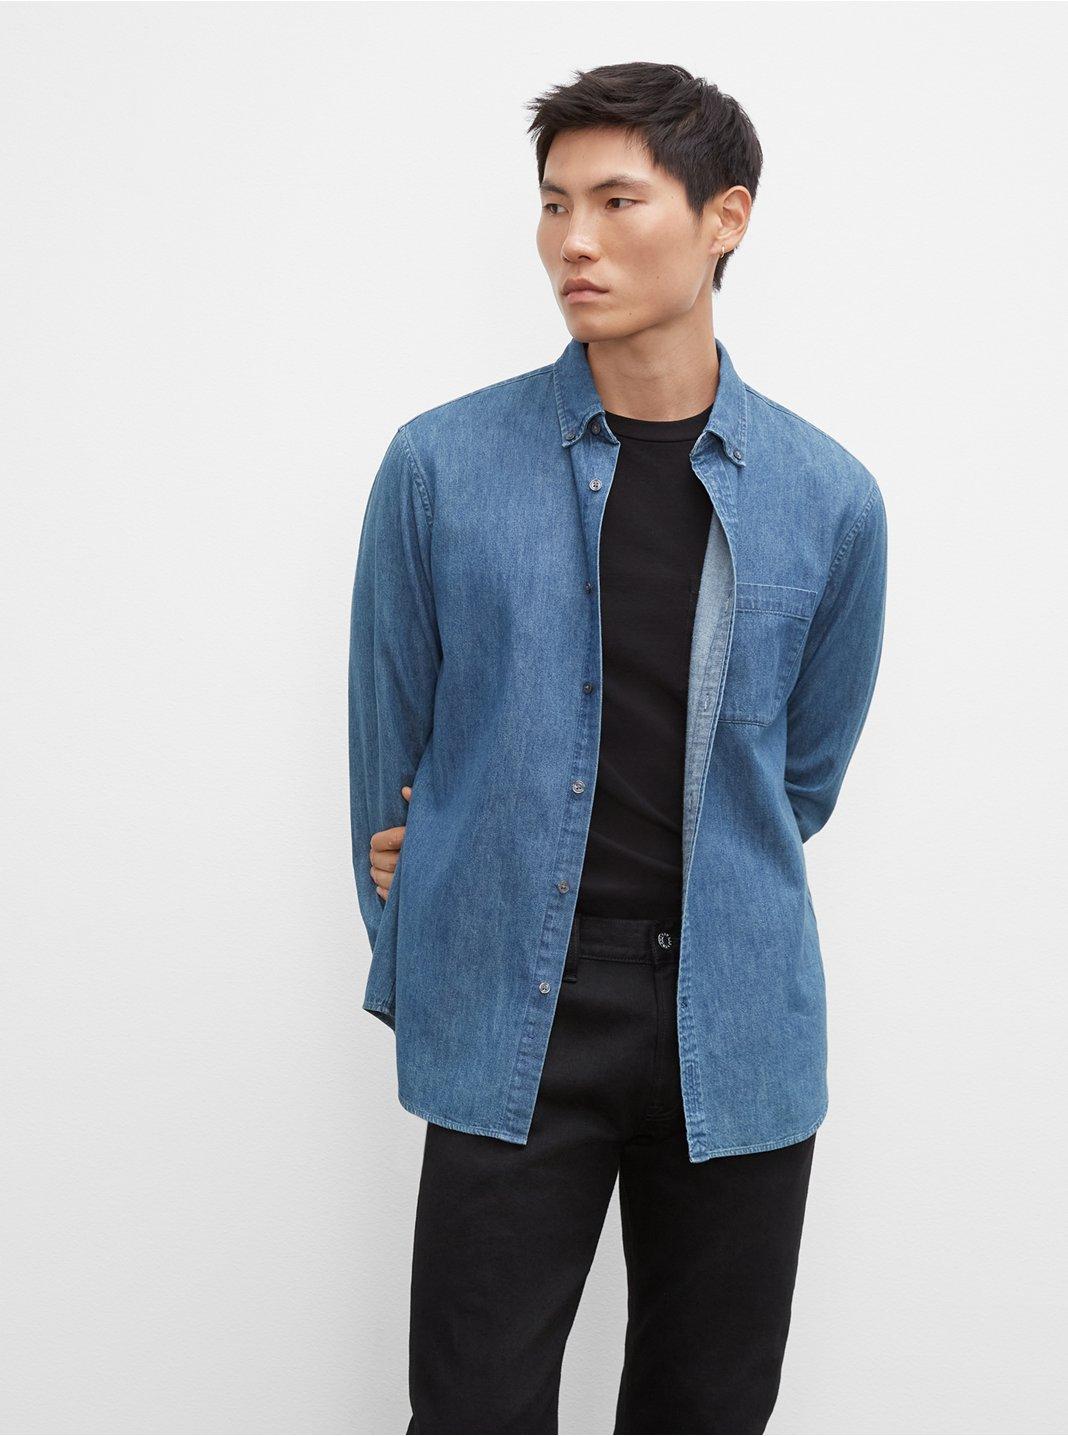 클럽 모나코 맨 슬림 데님 셔츠 - 2 컬러 (강하늘, 최우식 착용) Club Monaco Slim Denim Shirt